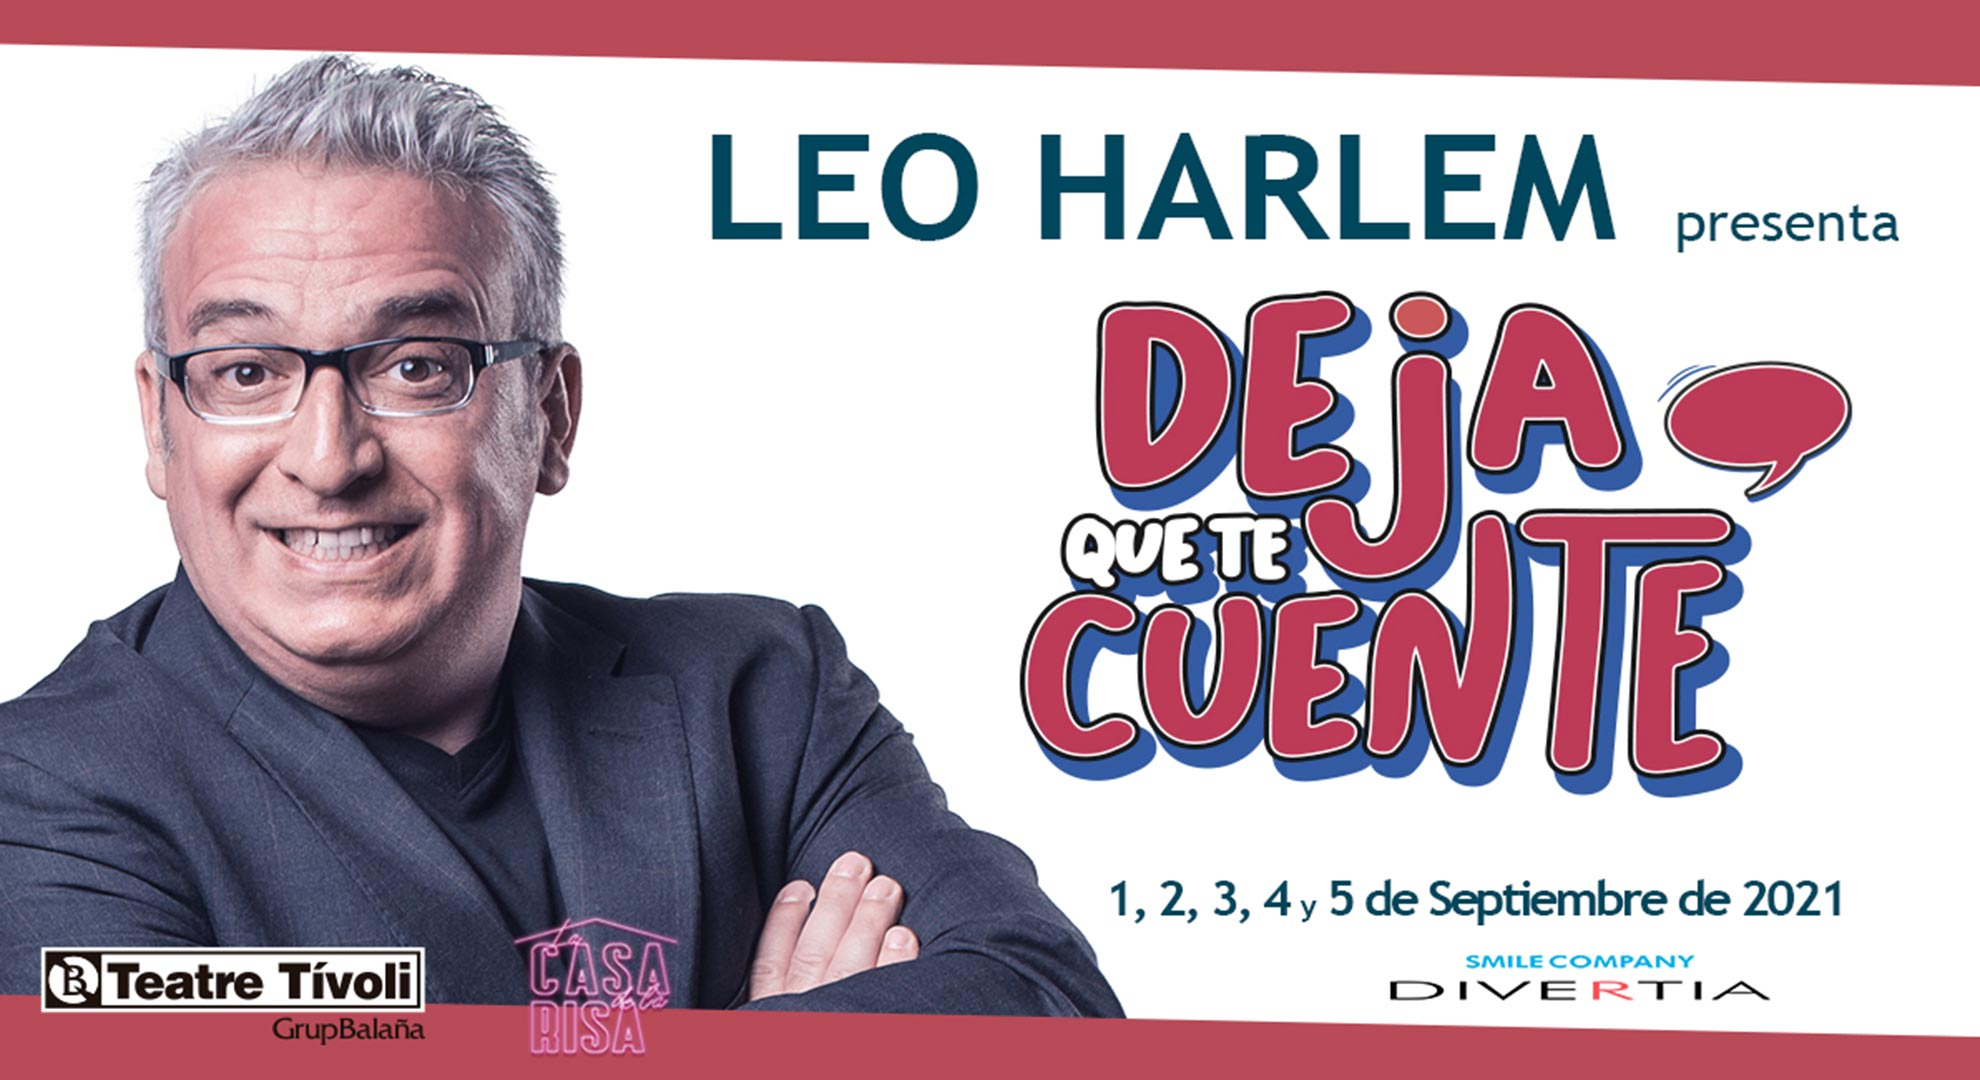 Leo Harlem: Deja que te cuente